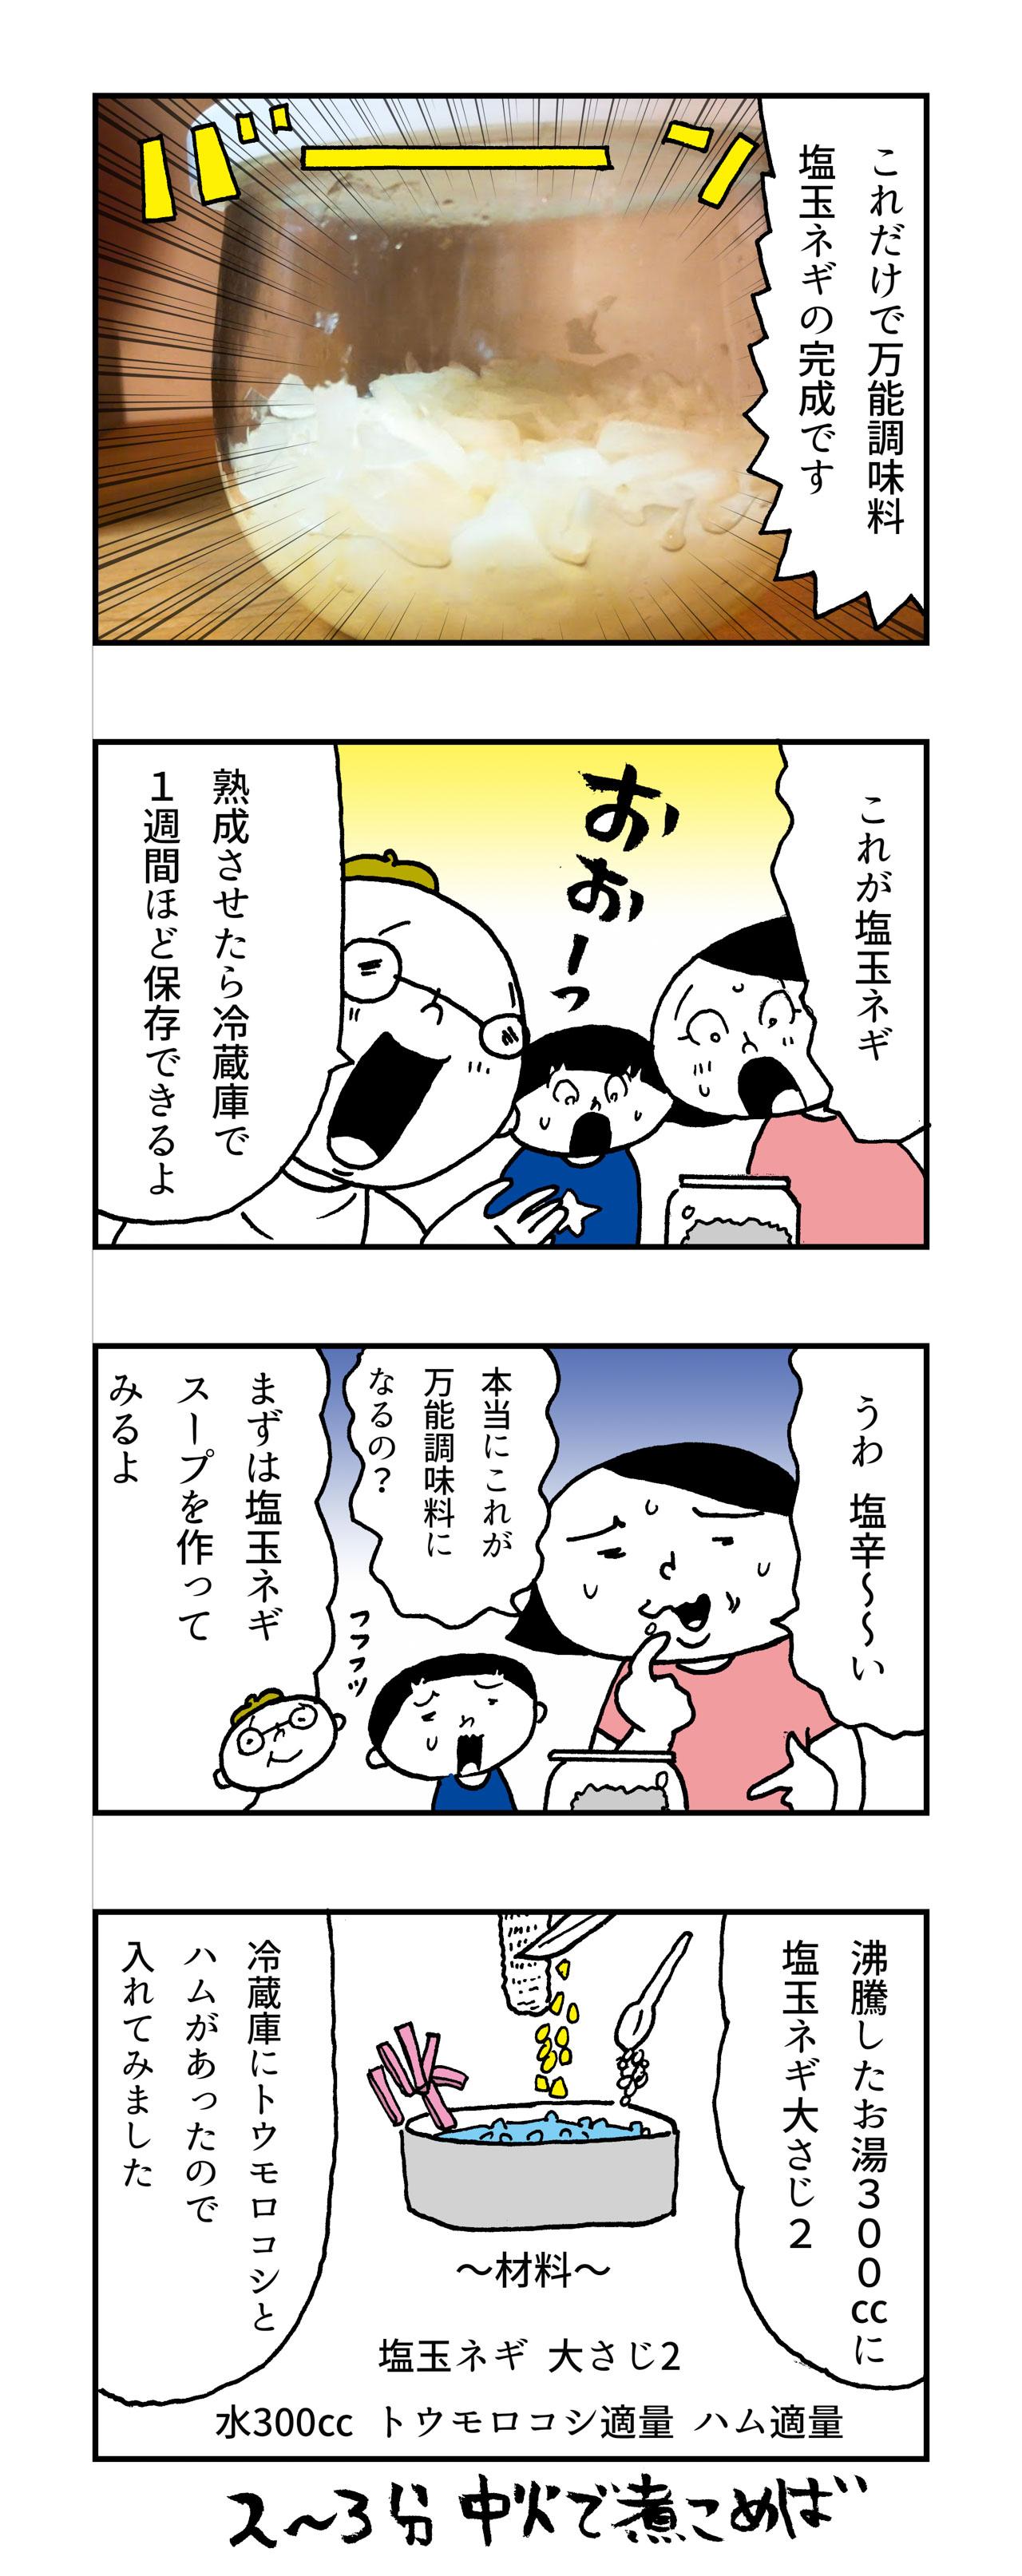 f:id:Meshi2_IB:20180730185410j:plain